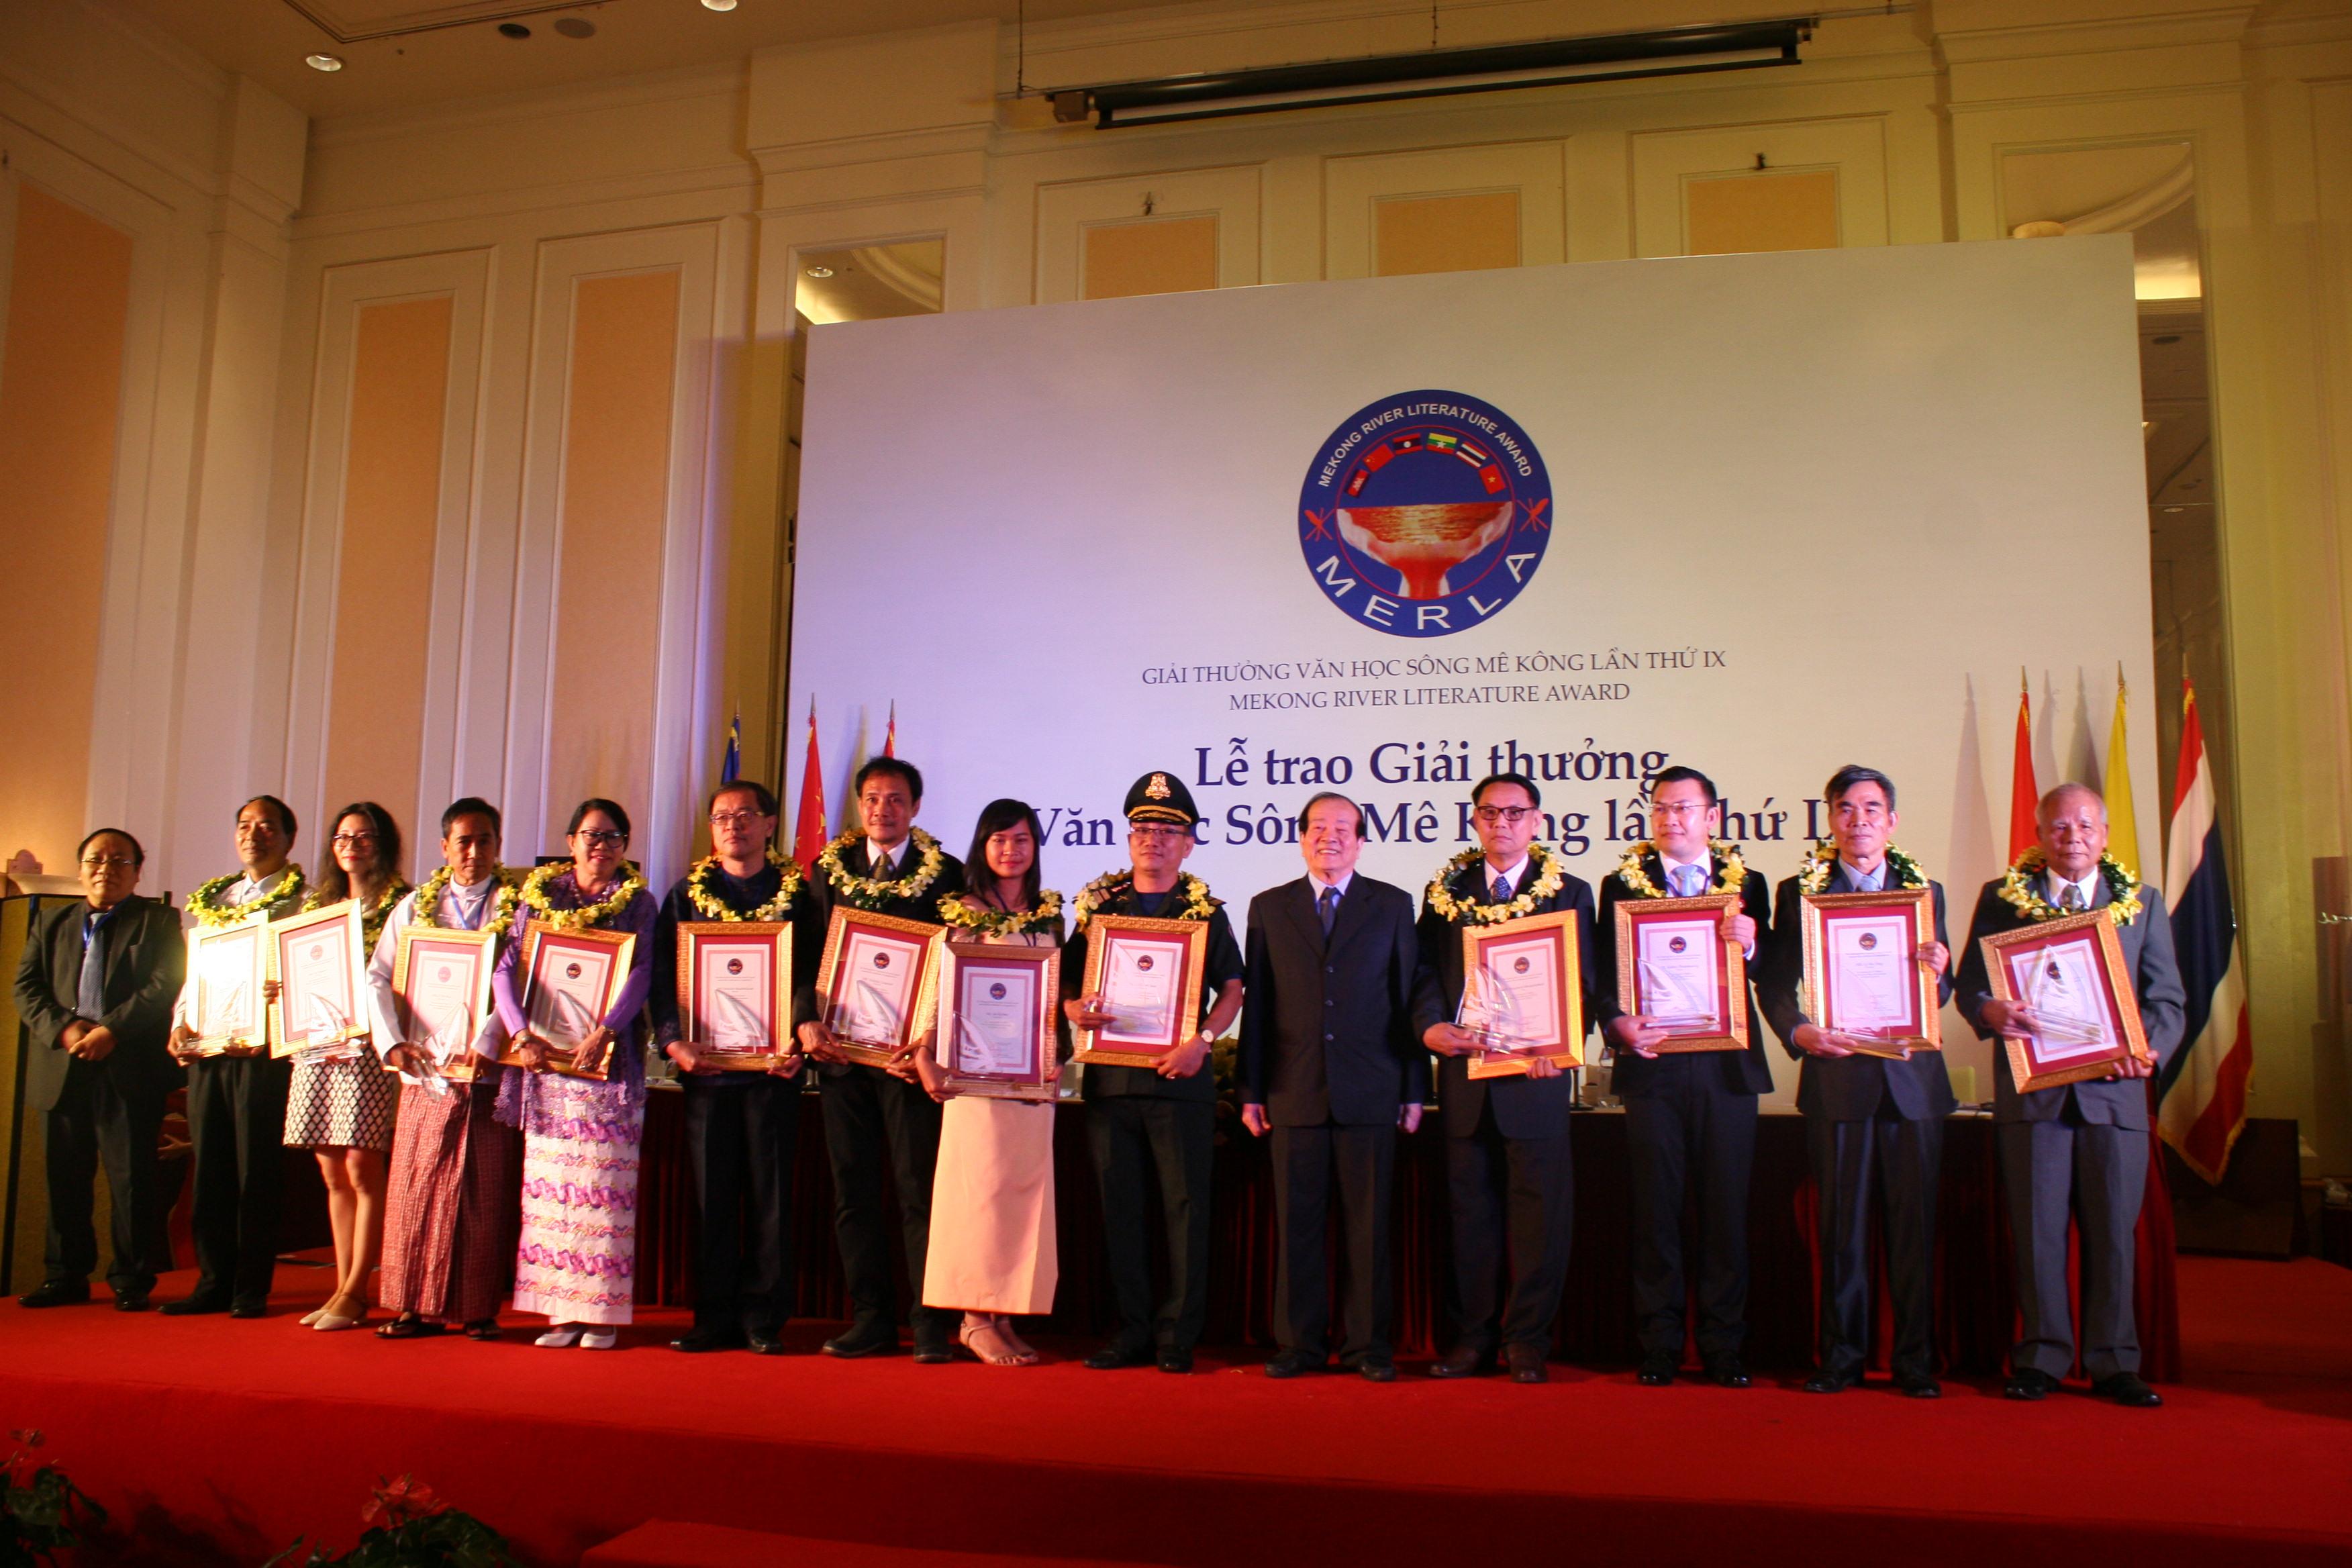 12 tác phẩm nhận Giải thưởng Văn học sông Mekong lần thứ 9